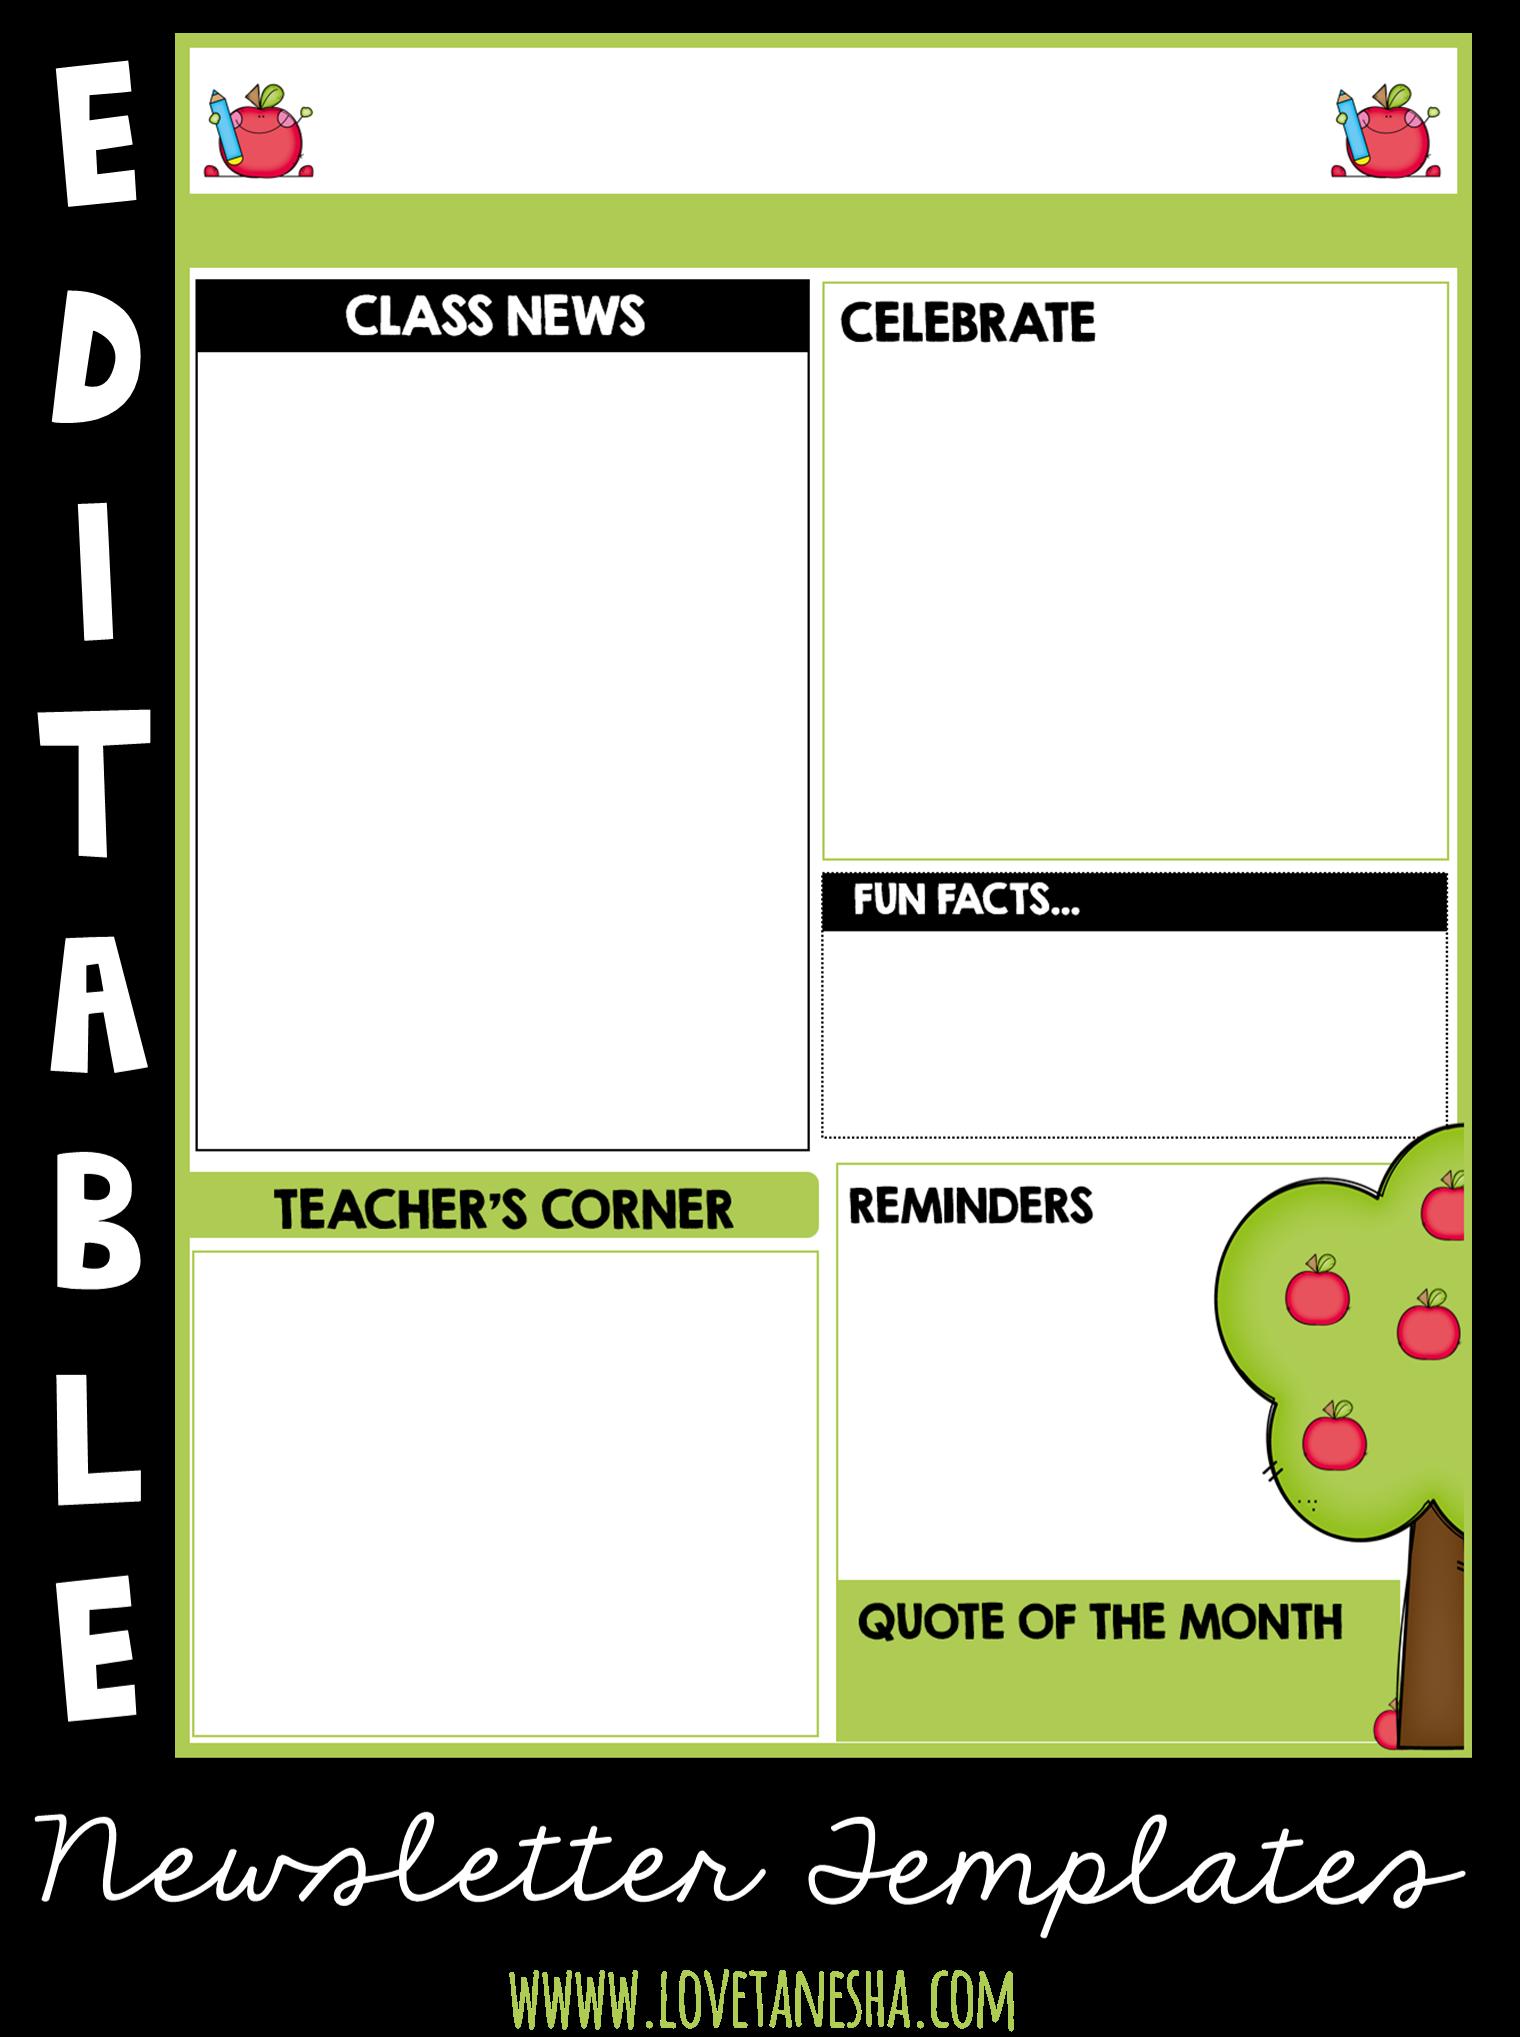 classroom communication - newsletter | newsletter templates, Modern powerpoint